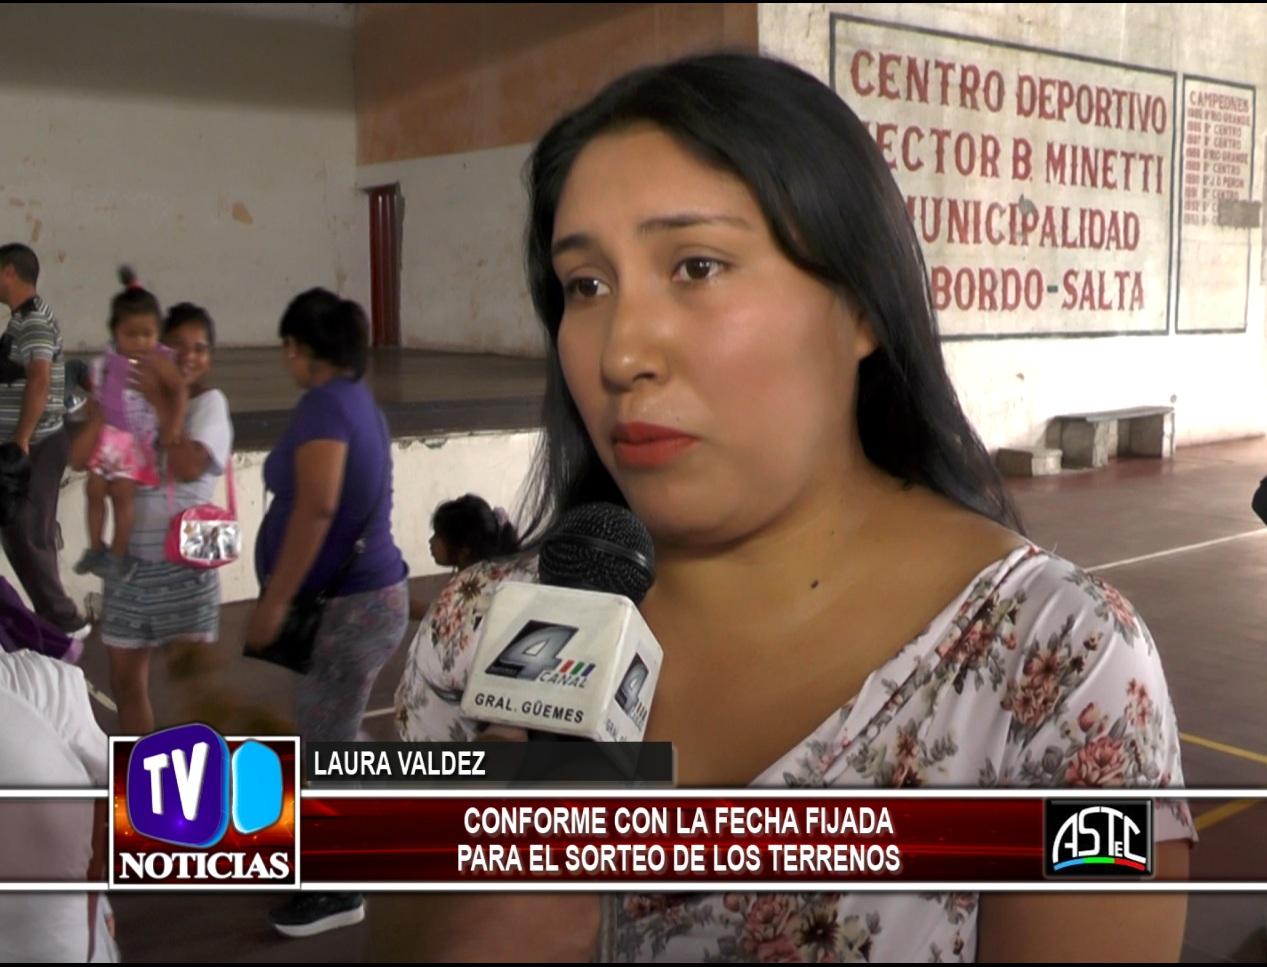 Noviembre 2015 Canal4sca # Hegui Muebles Jose Hernandez